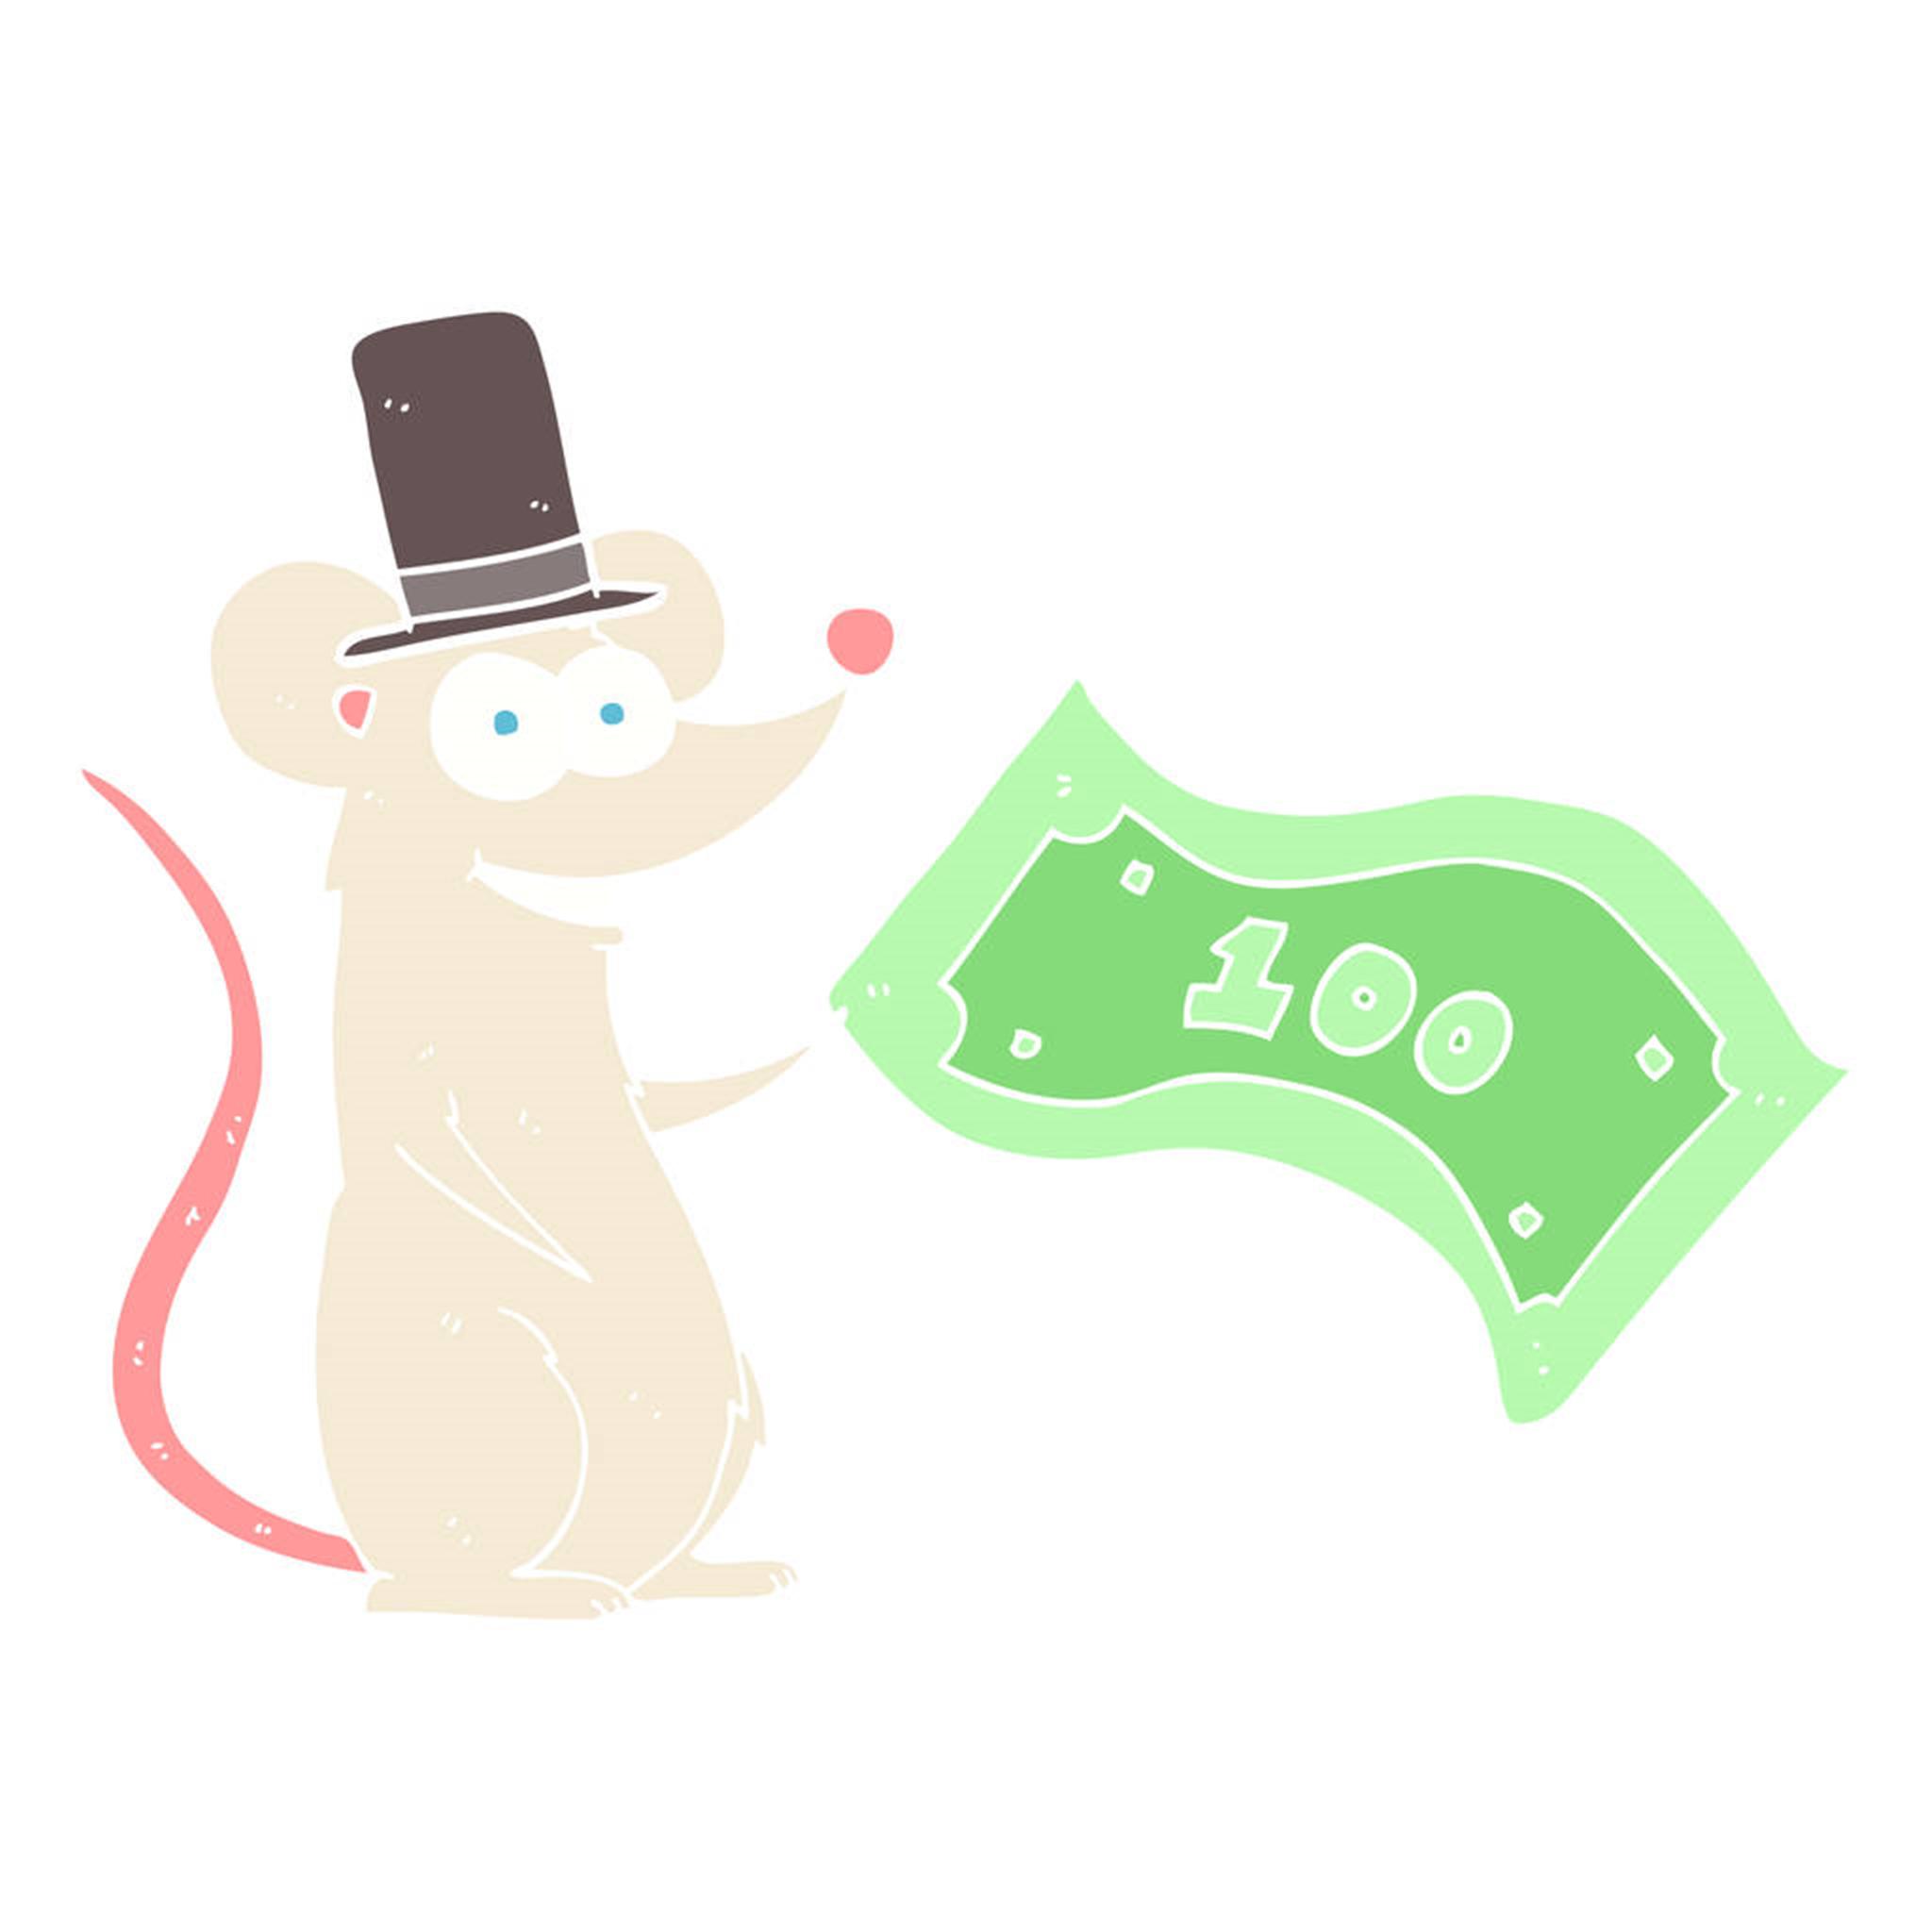 4鼠36岁后财运